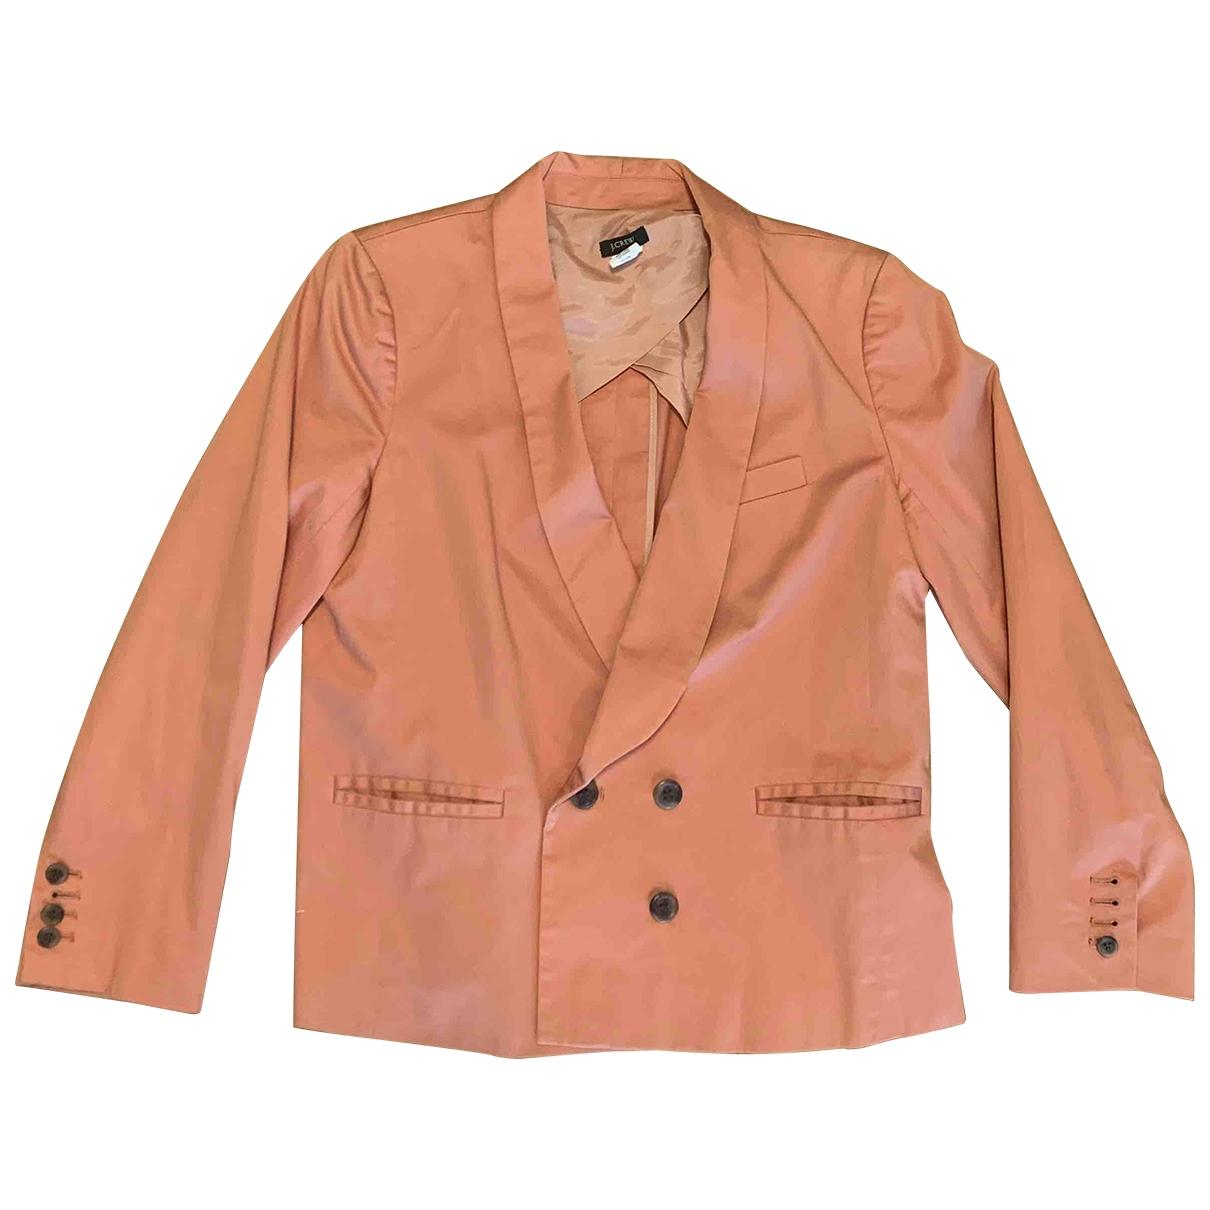 J.crew - Veste   pour femme en coton